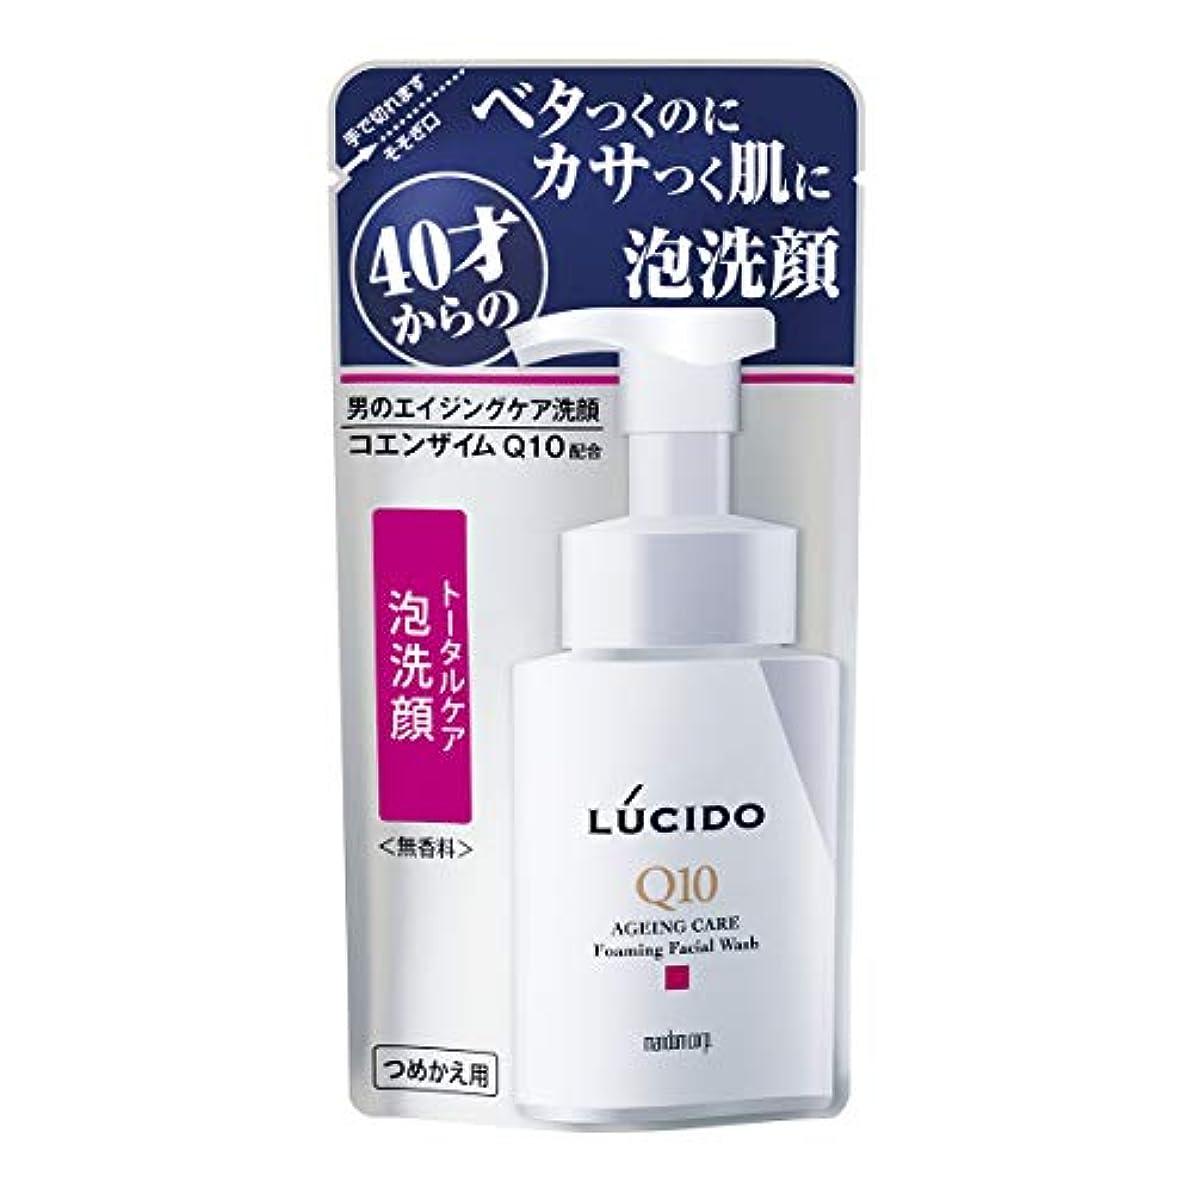 バイナリ交通放映LUCIDO(ルシード) トータルケア泡洗顔 つめかえ用 Q10 130mL